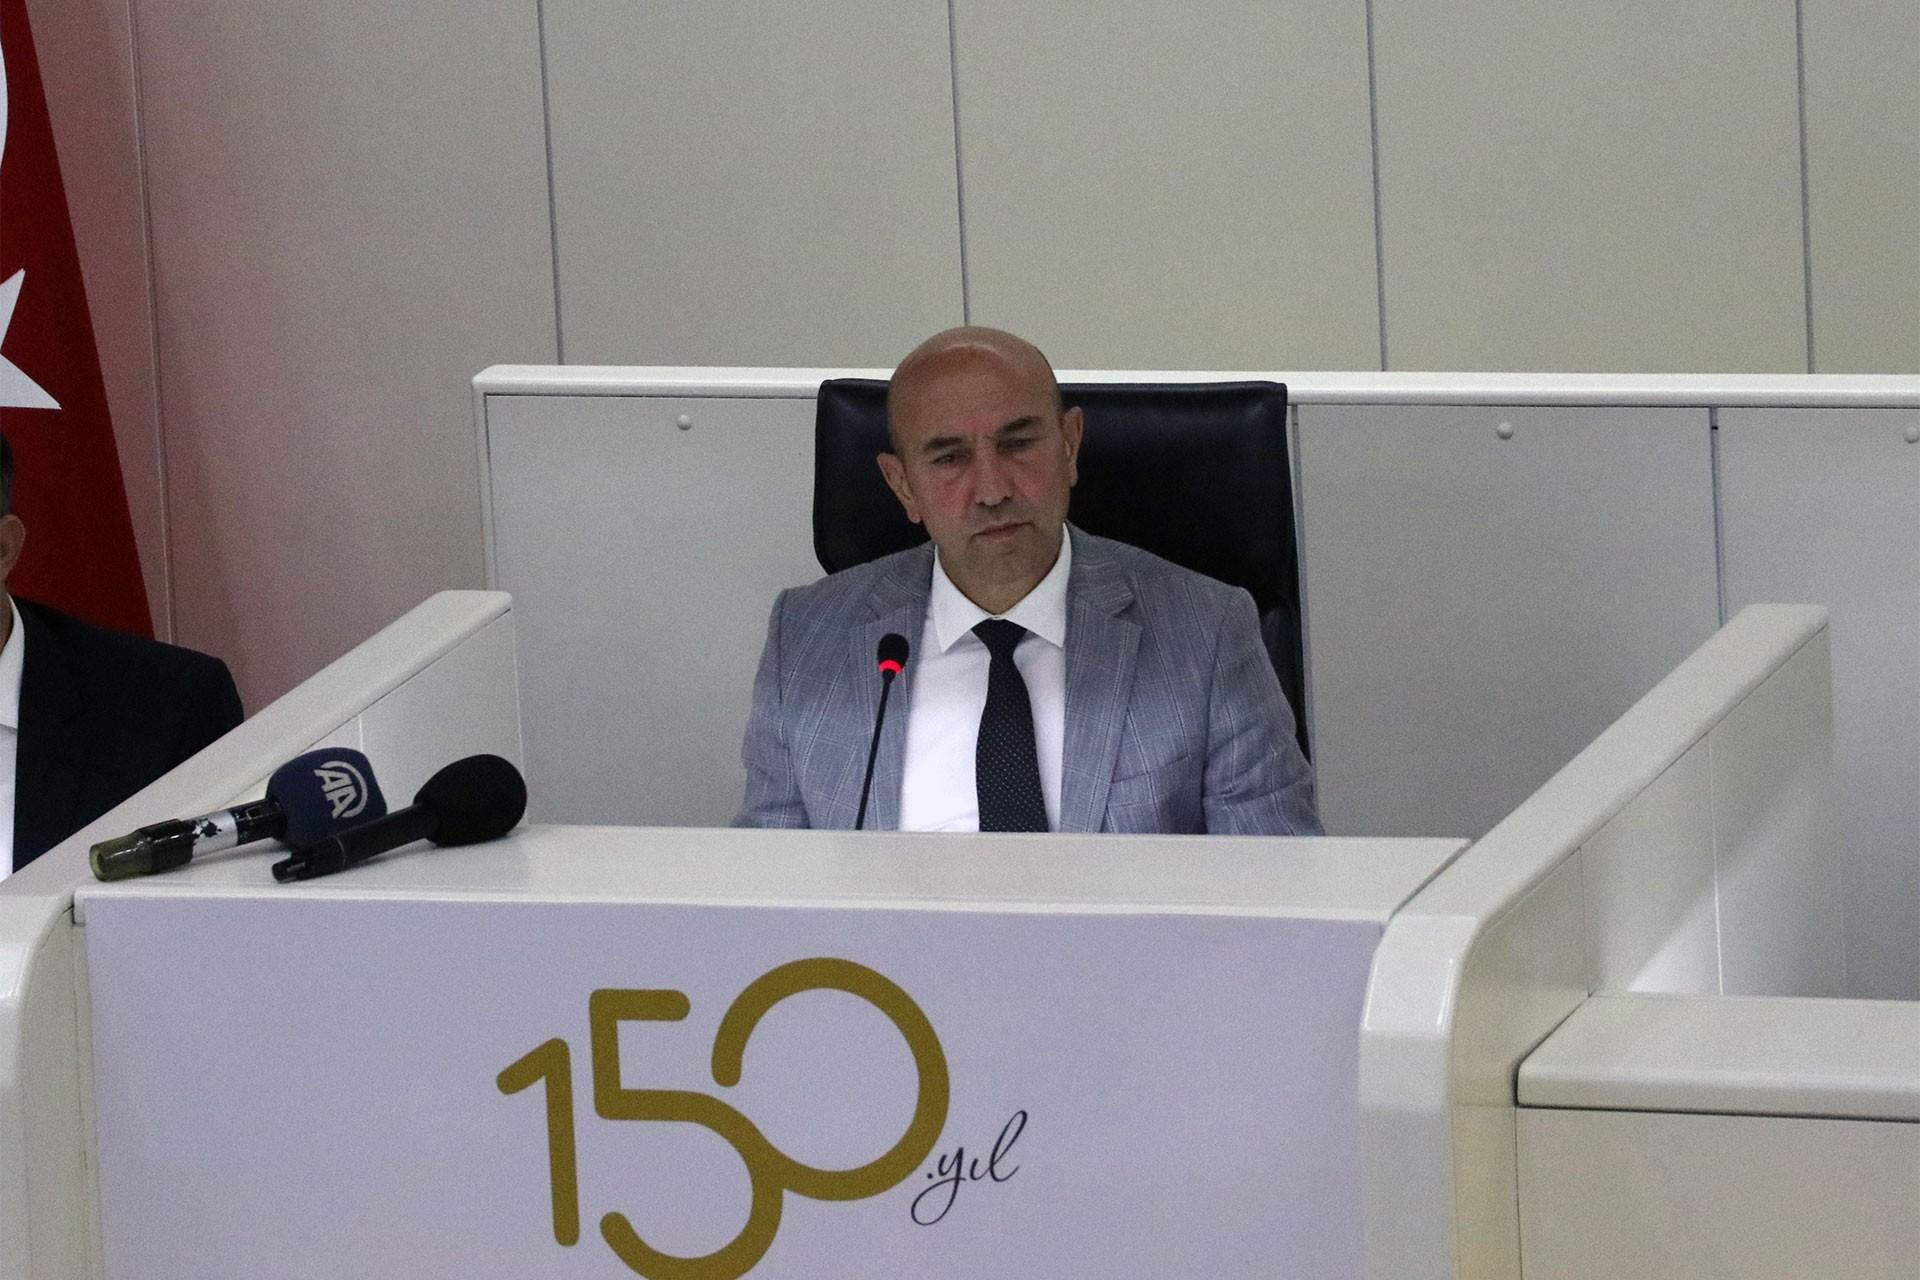 İzmir Büyükşehir Belediye Başkanı Tunç Soyer: En kısa sürede barış diliyoruz